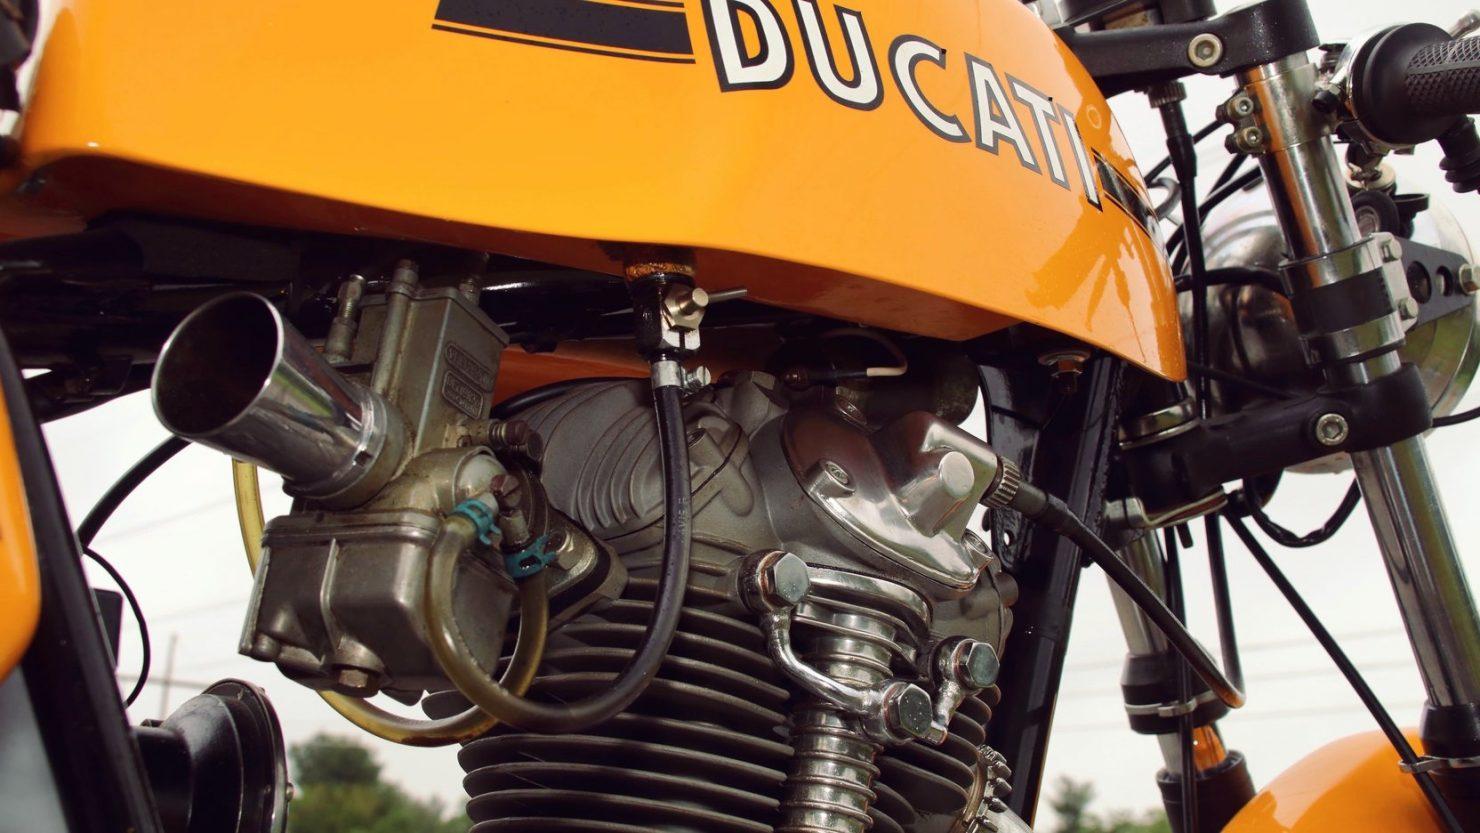 Ducati 350 Desmo 10 1480x833 - 1970 Ducati Desmo 350